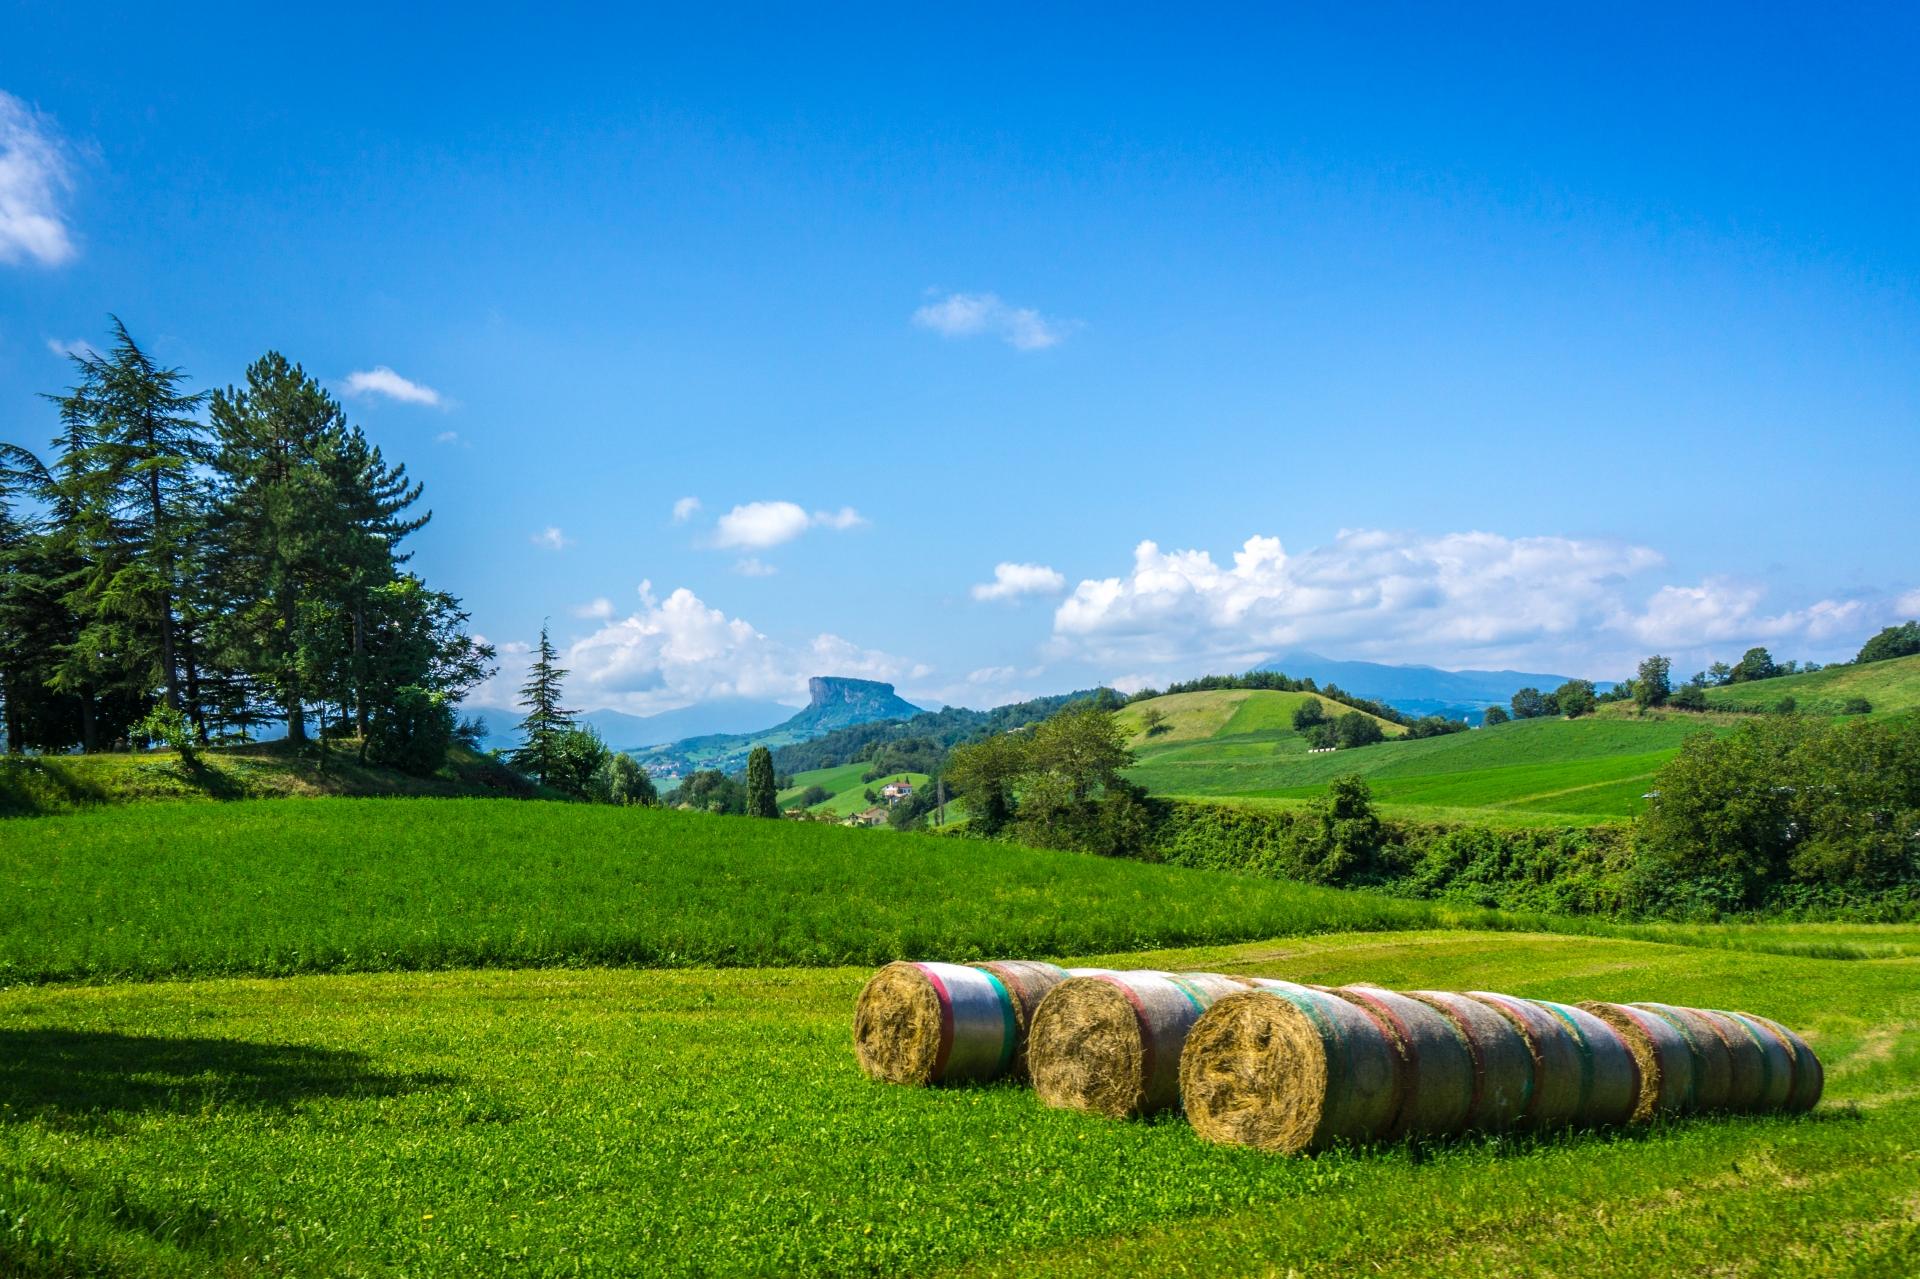 Traktoregg pakket inn i italienske farger. Noe for norske bønder? Legg merke til kjent fjell i bakgrunnen.